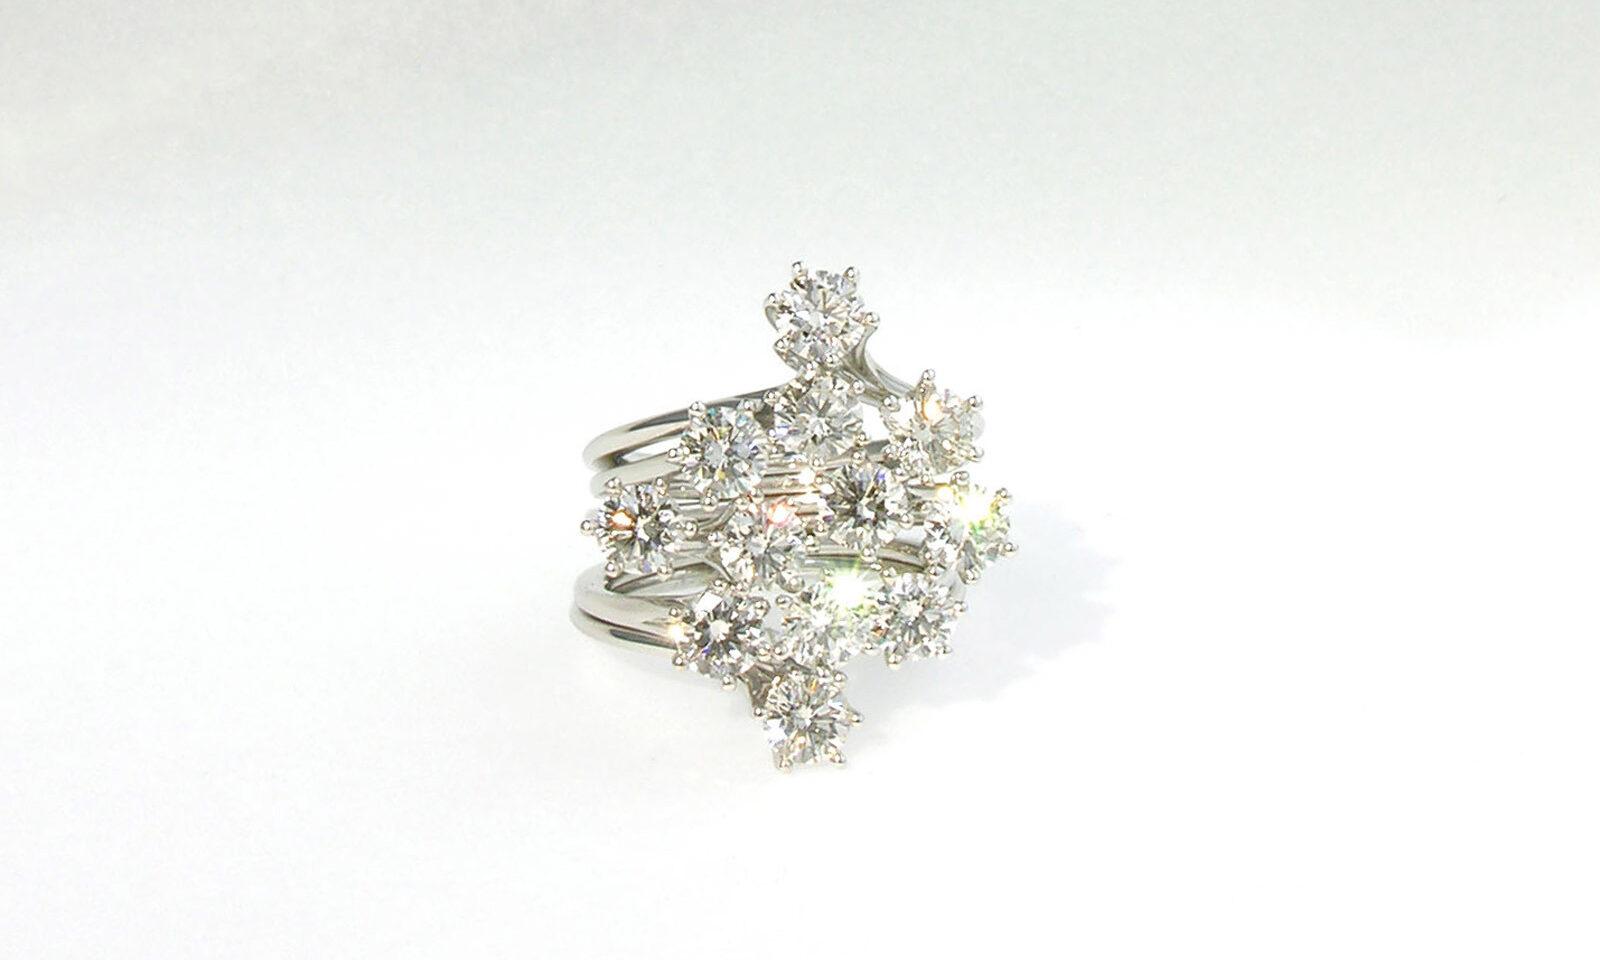 Ring Weissgold Brillanten. Ring Weissgold 750 mit 12 Brillanten d 4.2 mm H/I si total 3.72 ct., bestehend aus 6 einzelnen Ringen, CHF 21'000.-